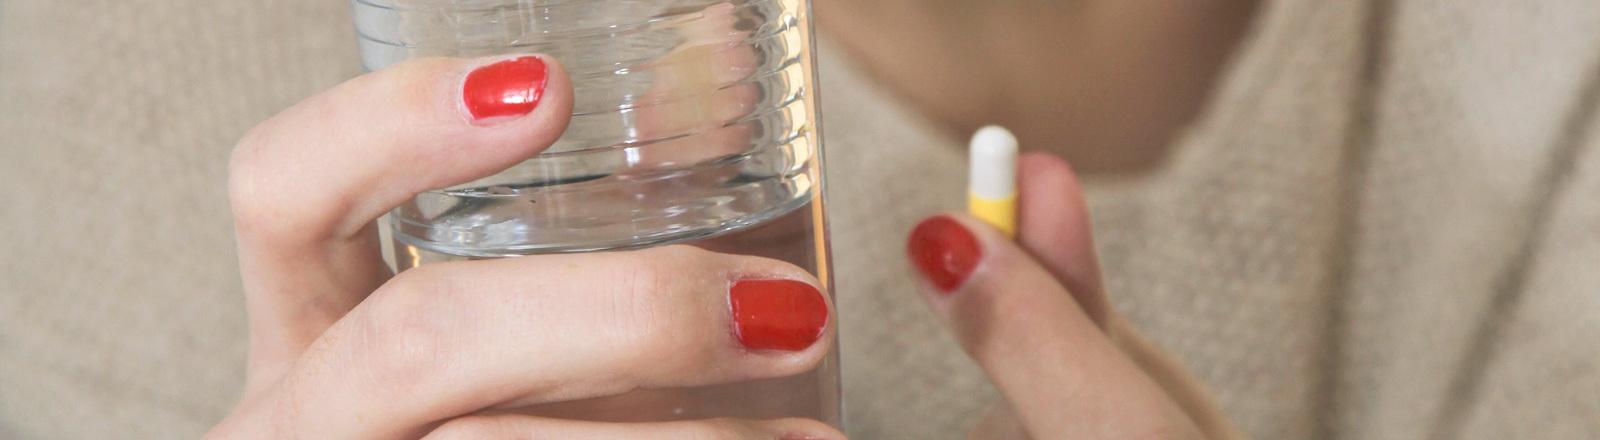 Eine Frau nimmt eine Pille - in der anderen Hand hält sie ein Wasserglas.